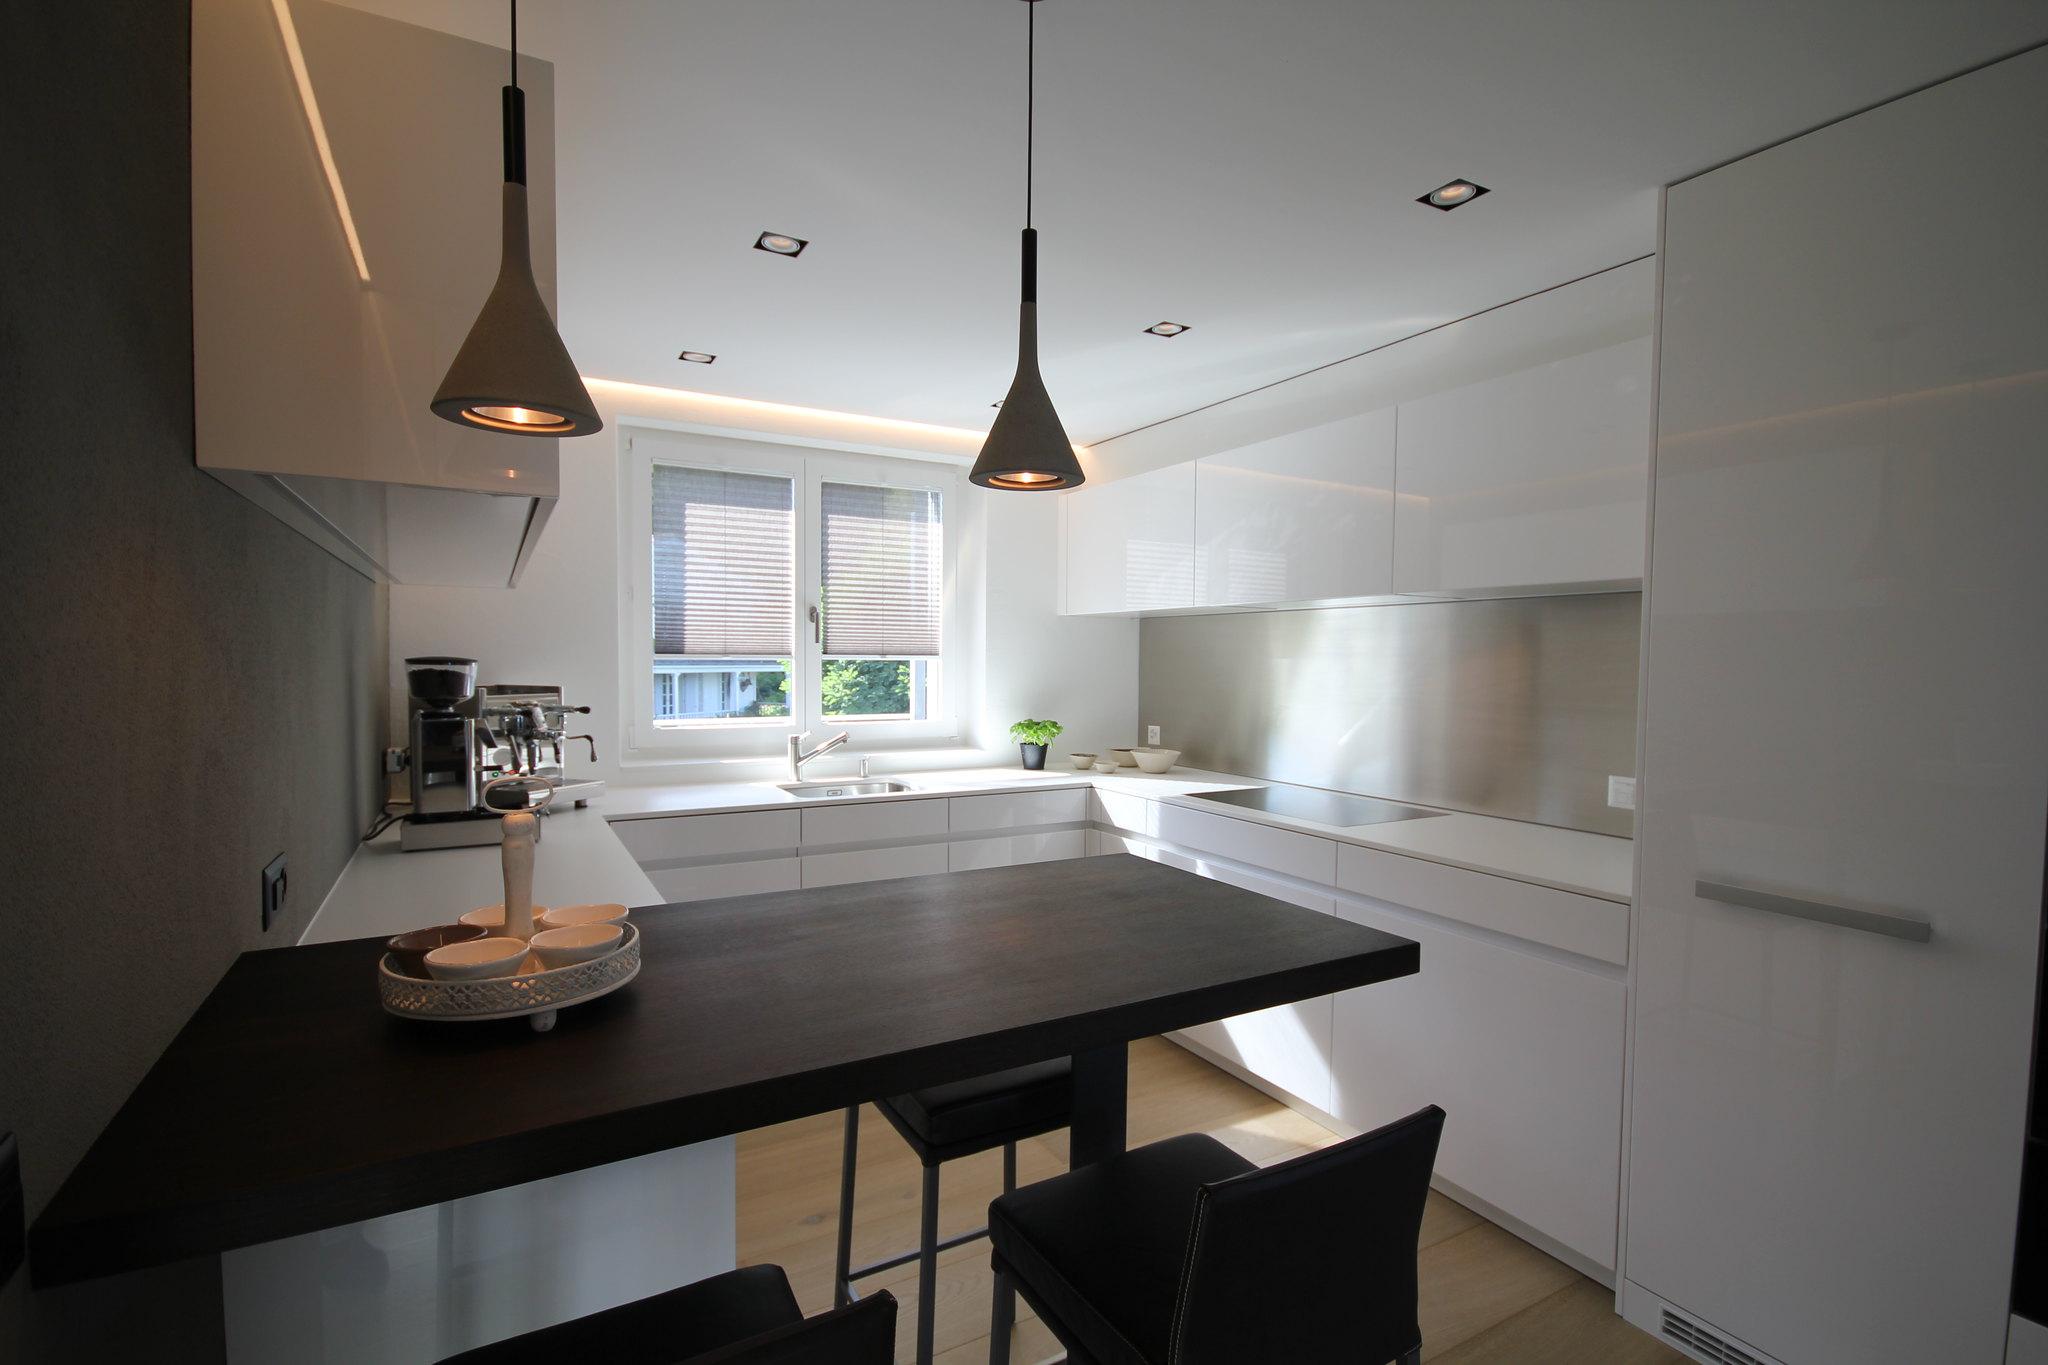 Home davinci interior design ag inspirations for rooms for Interior design studium schweiz